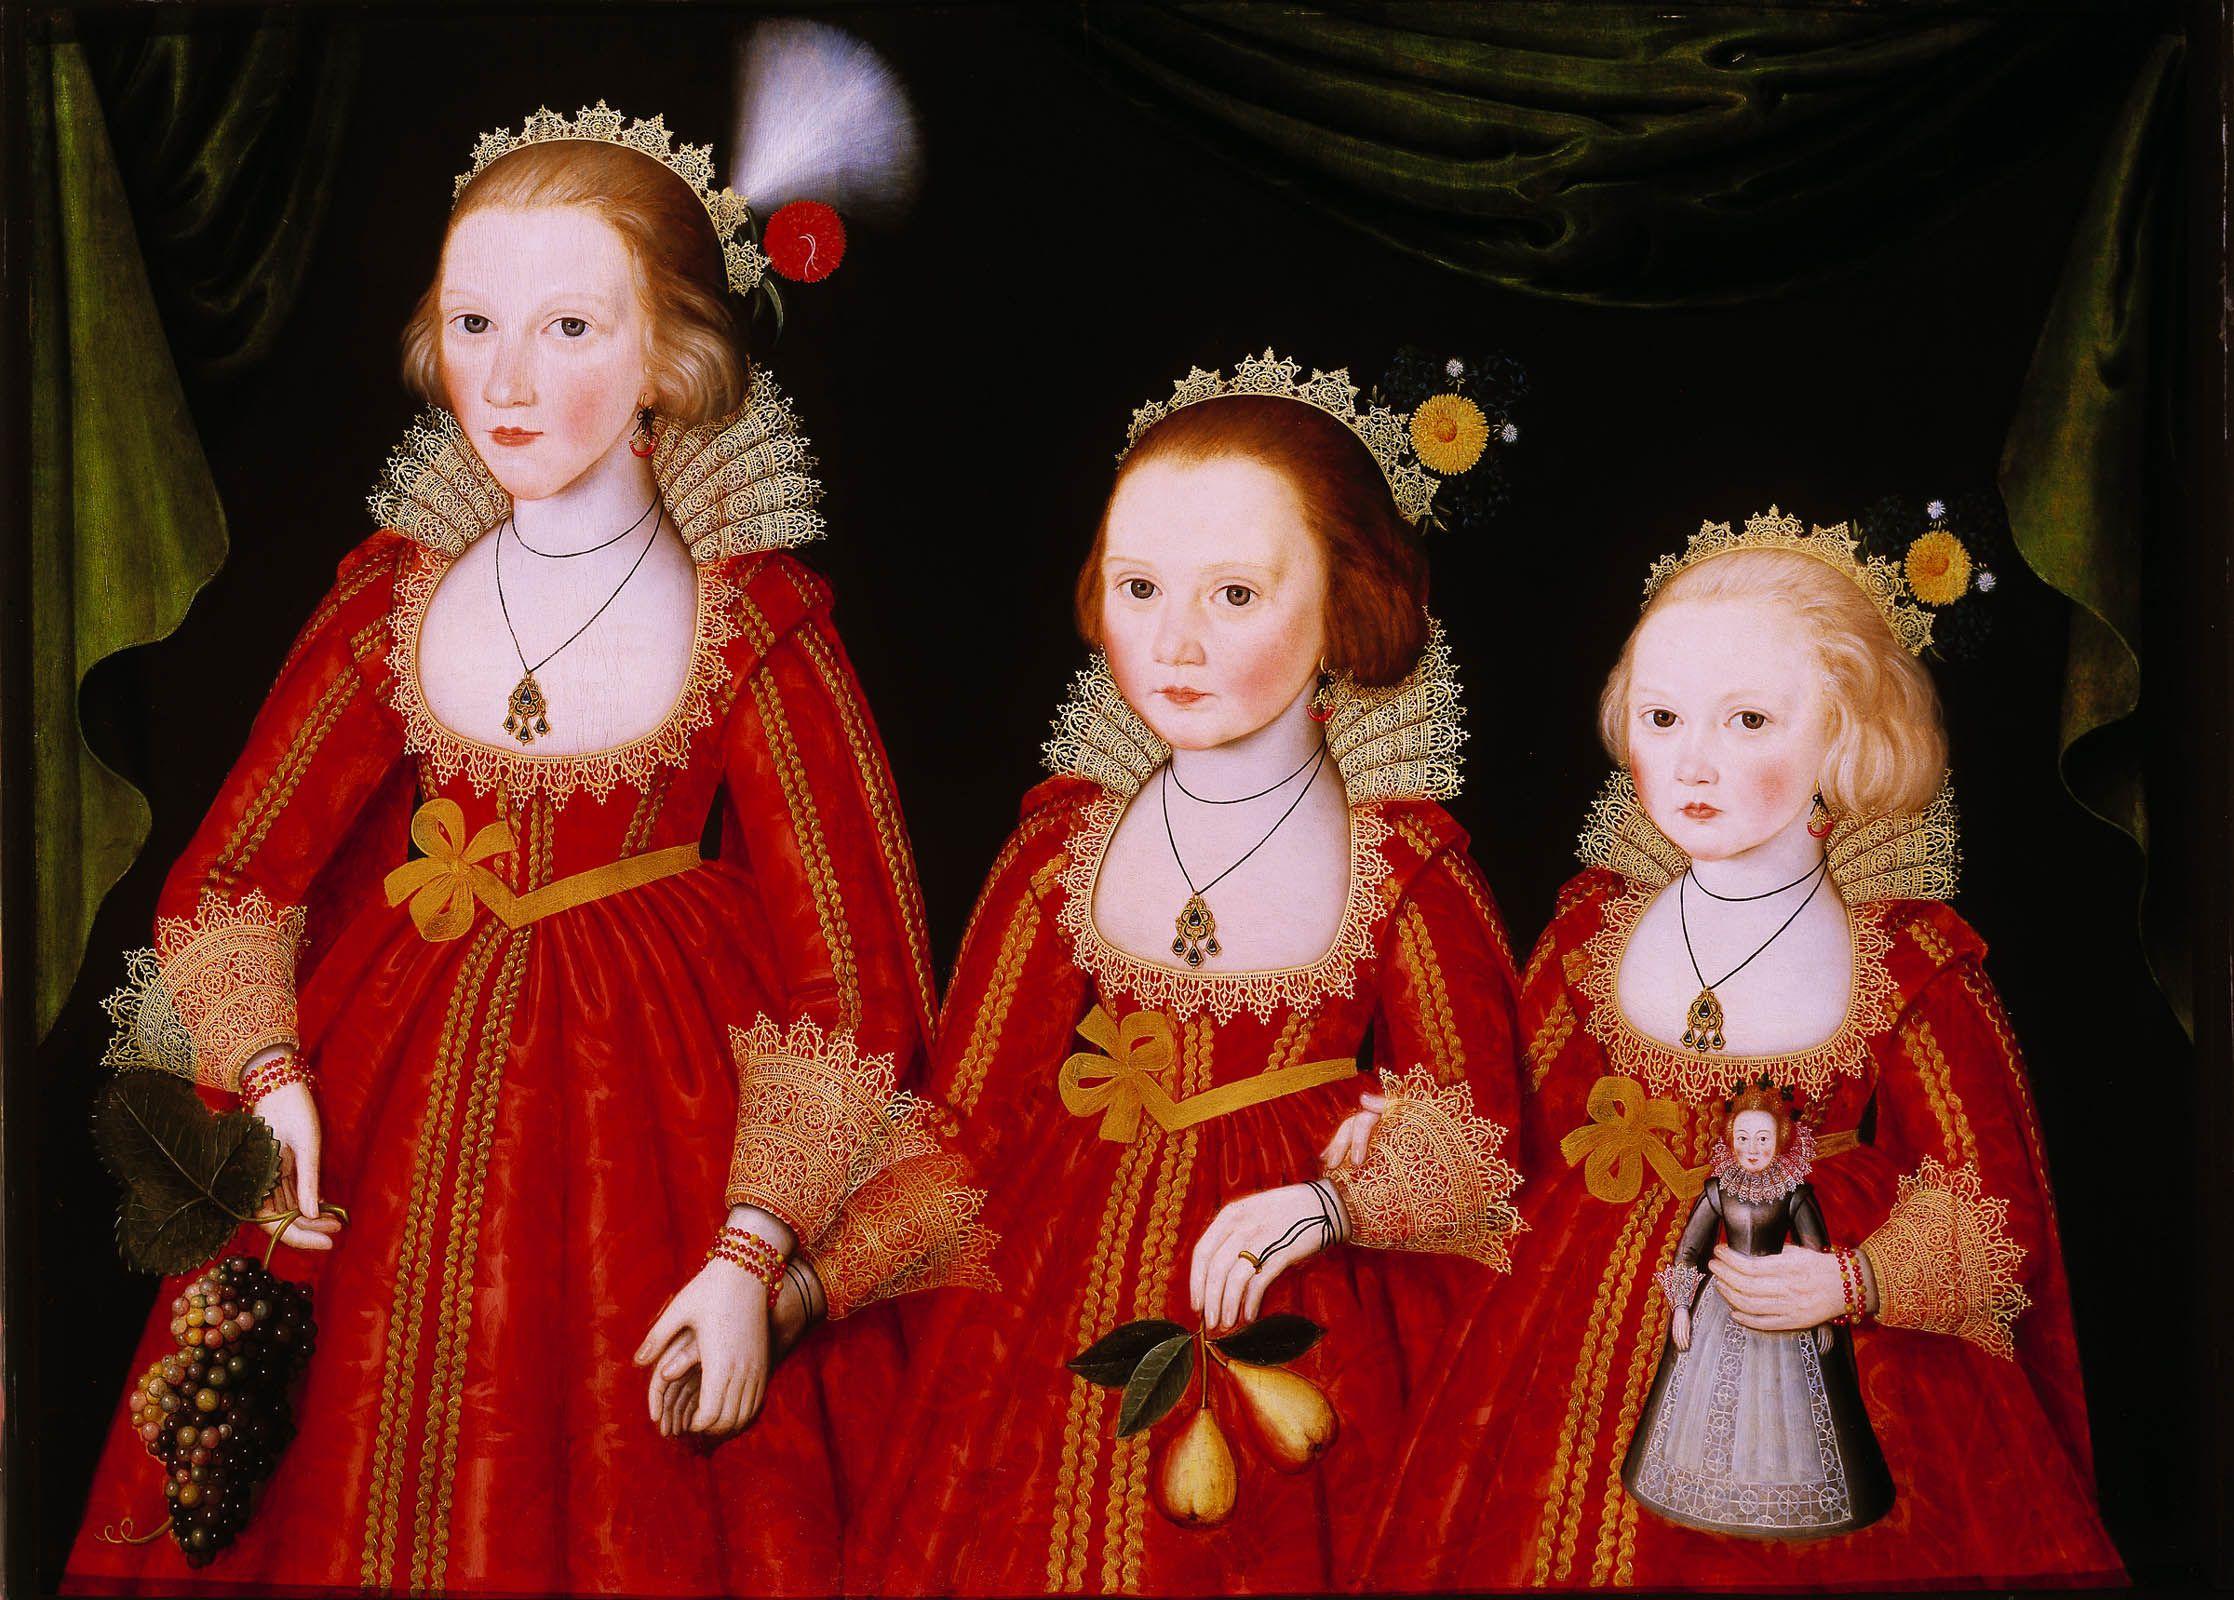 Почему на портретах молодых дам писали голую грудь, или открой соски Three_Young_Girls_by_Follower_of_William_Larkin.jpg